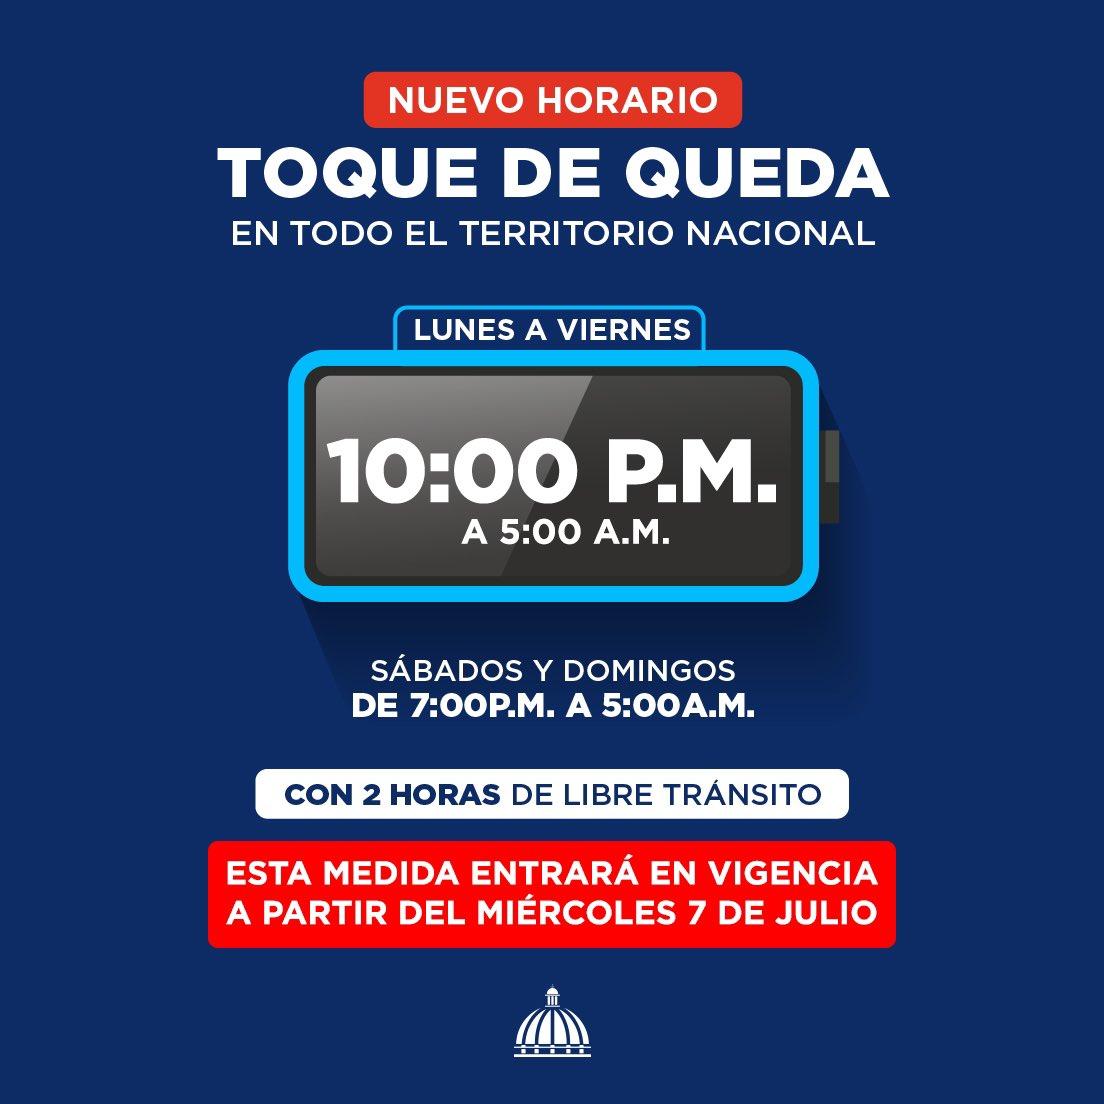 Gobierno Dominicano Modifica Toque De Queda Se Actualizara Por Porcentaje De Vacunacion Segun Region Online Punta Cana Bavaro